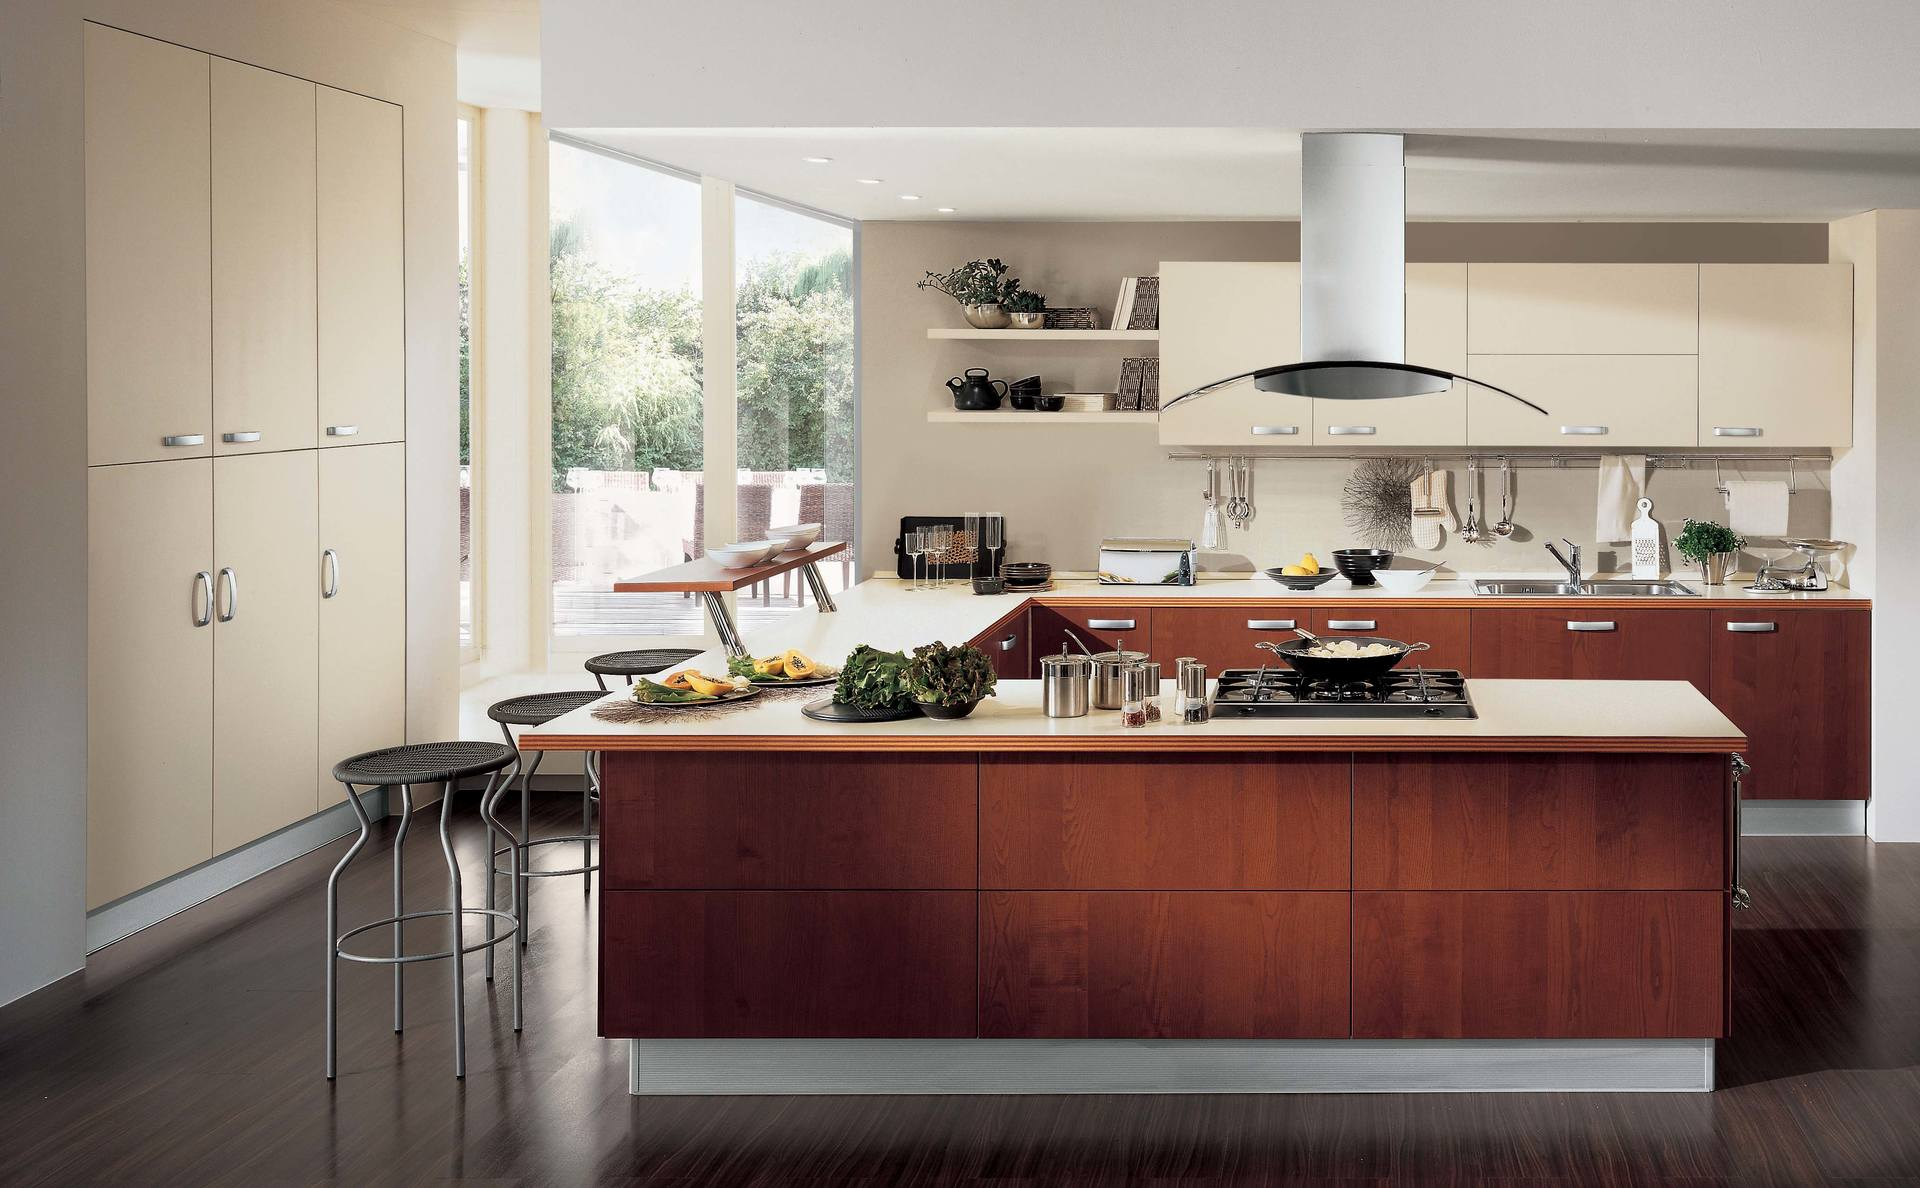 Uncategorized Kitchen Appliances San Francisco kitchen remodel san francisco ca appliances ca